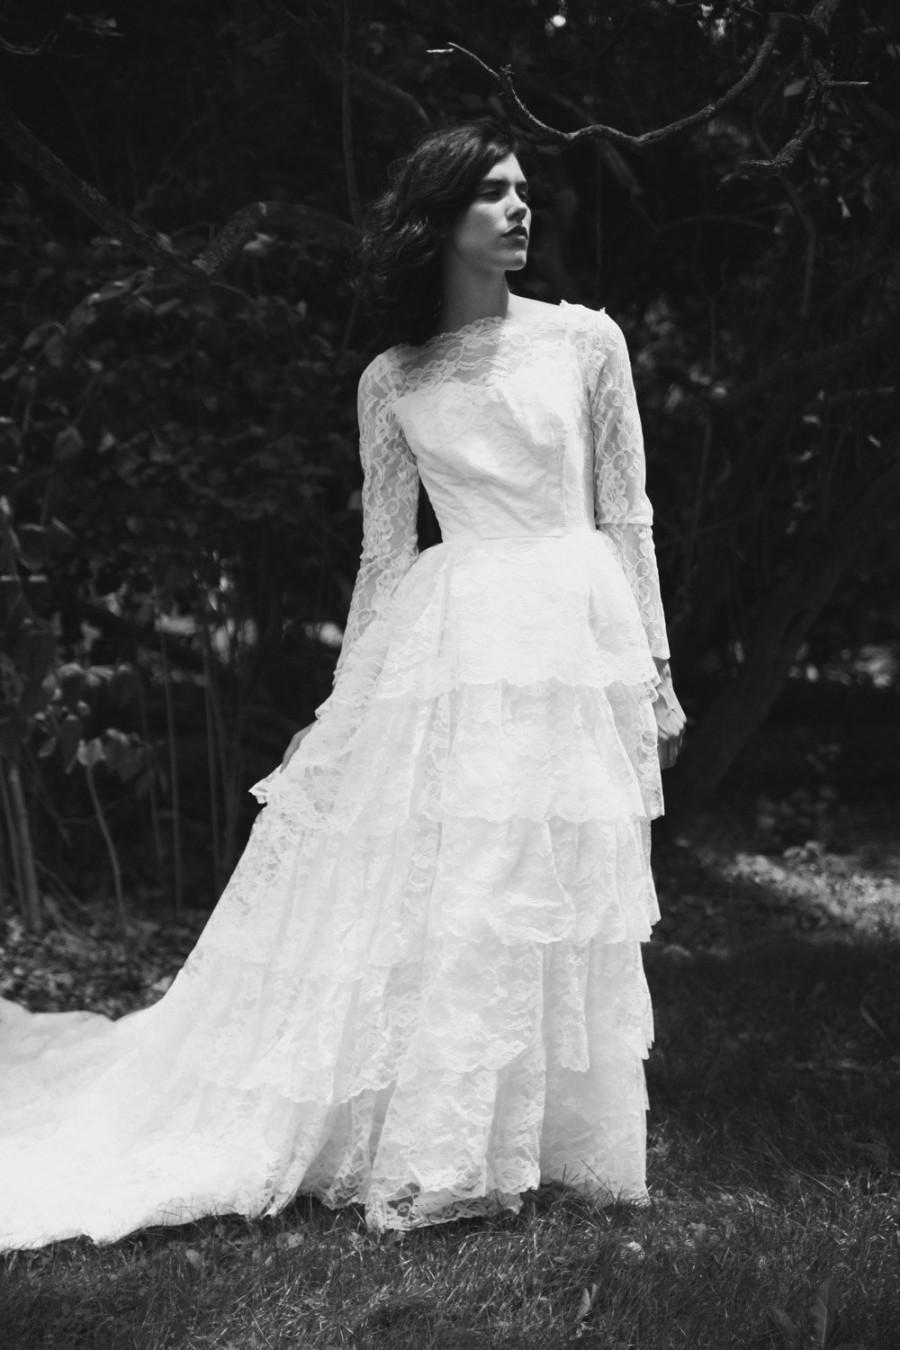 vintage wedding dresses lace vintage wedding dress Lace Vintage Wedding Dress Spaghetti Strap Wedding Dress